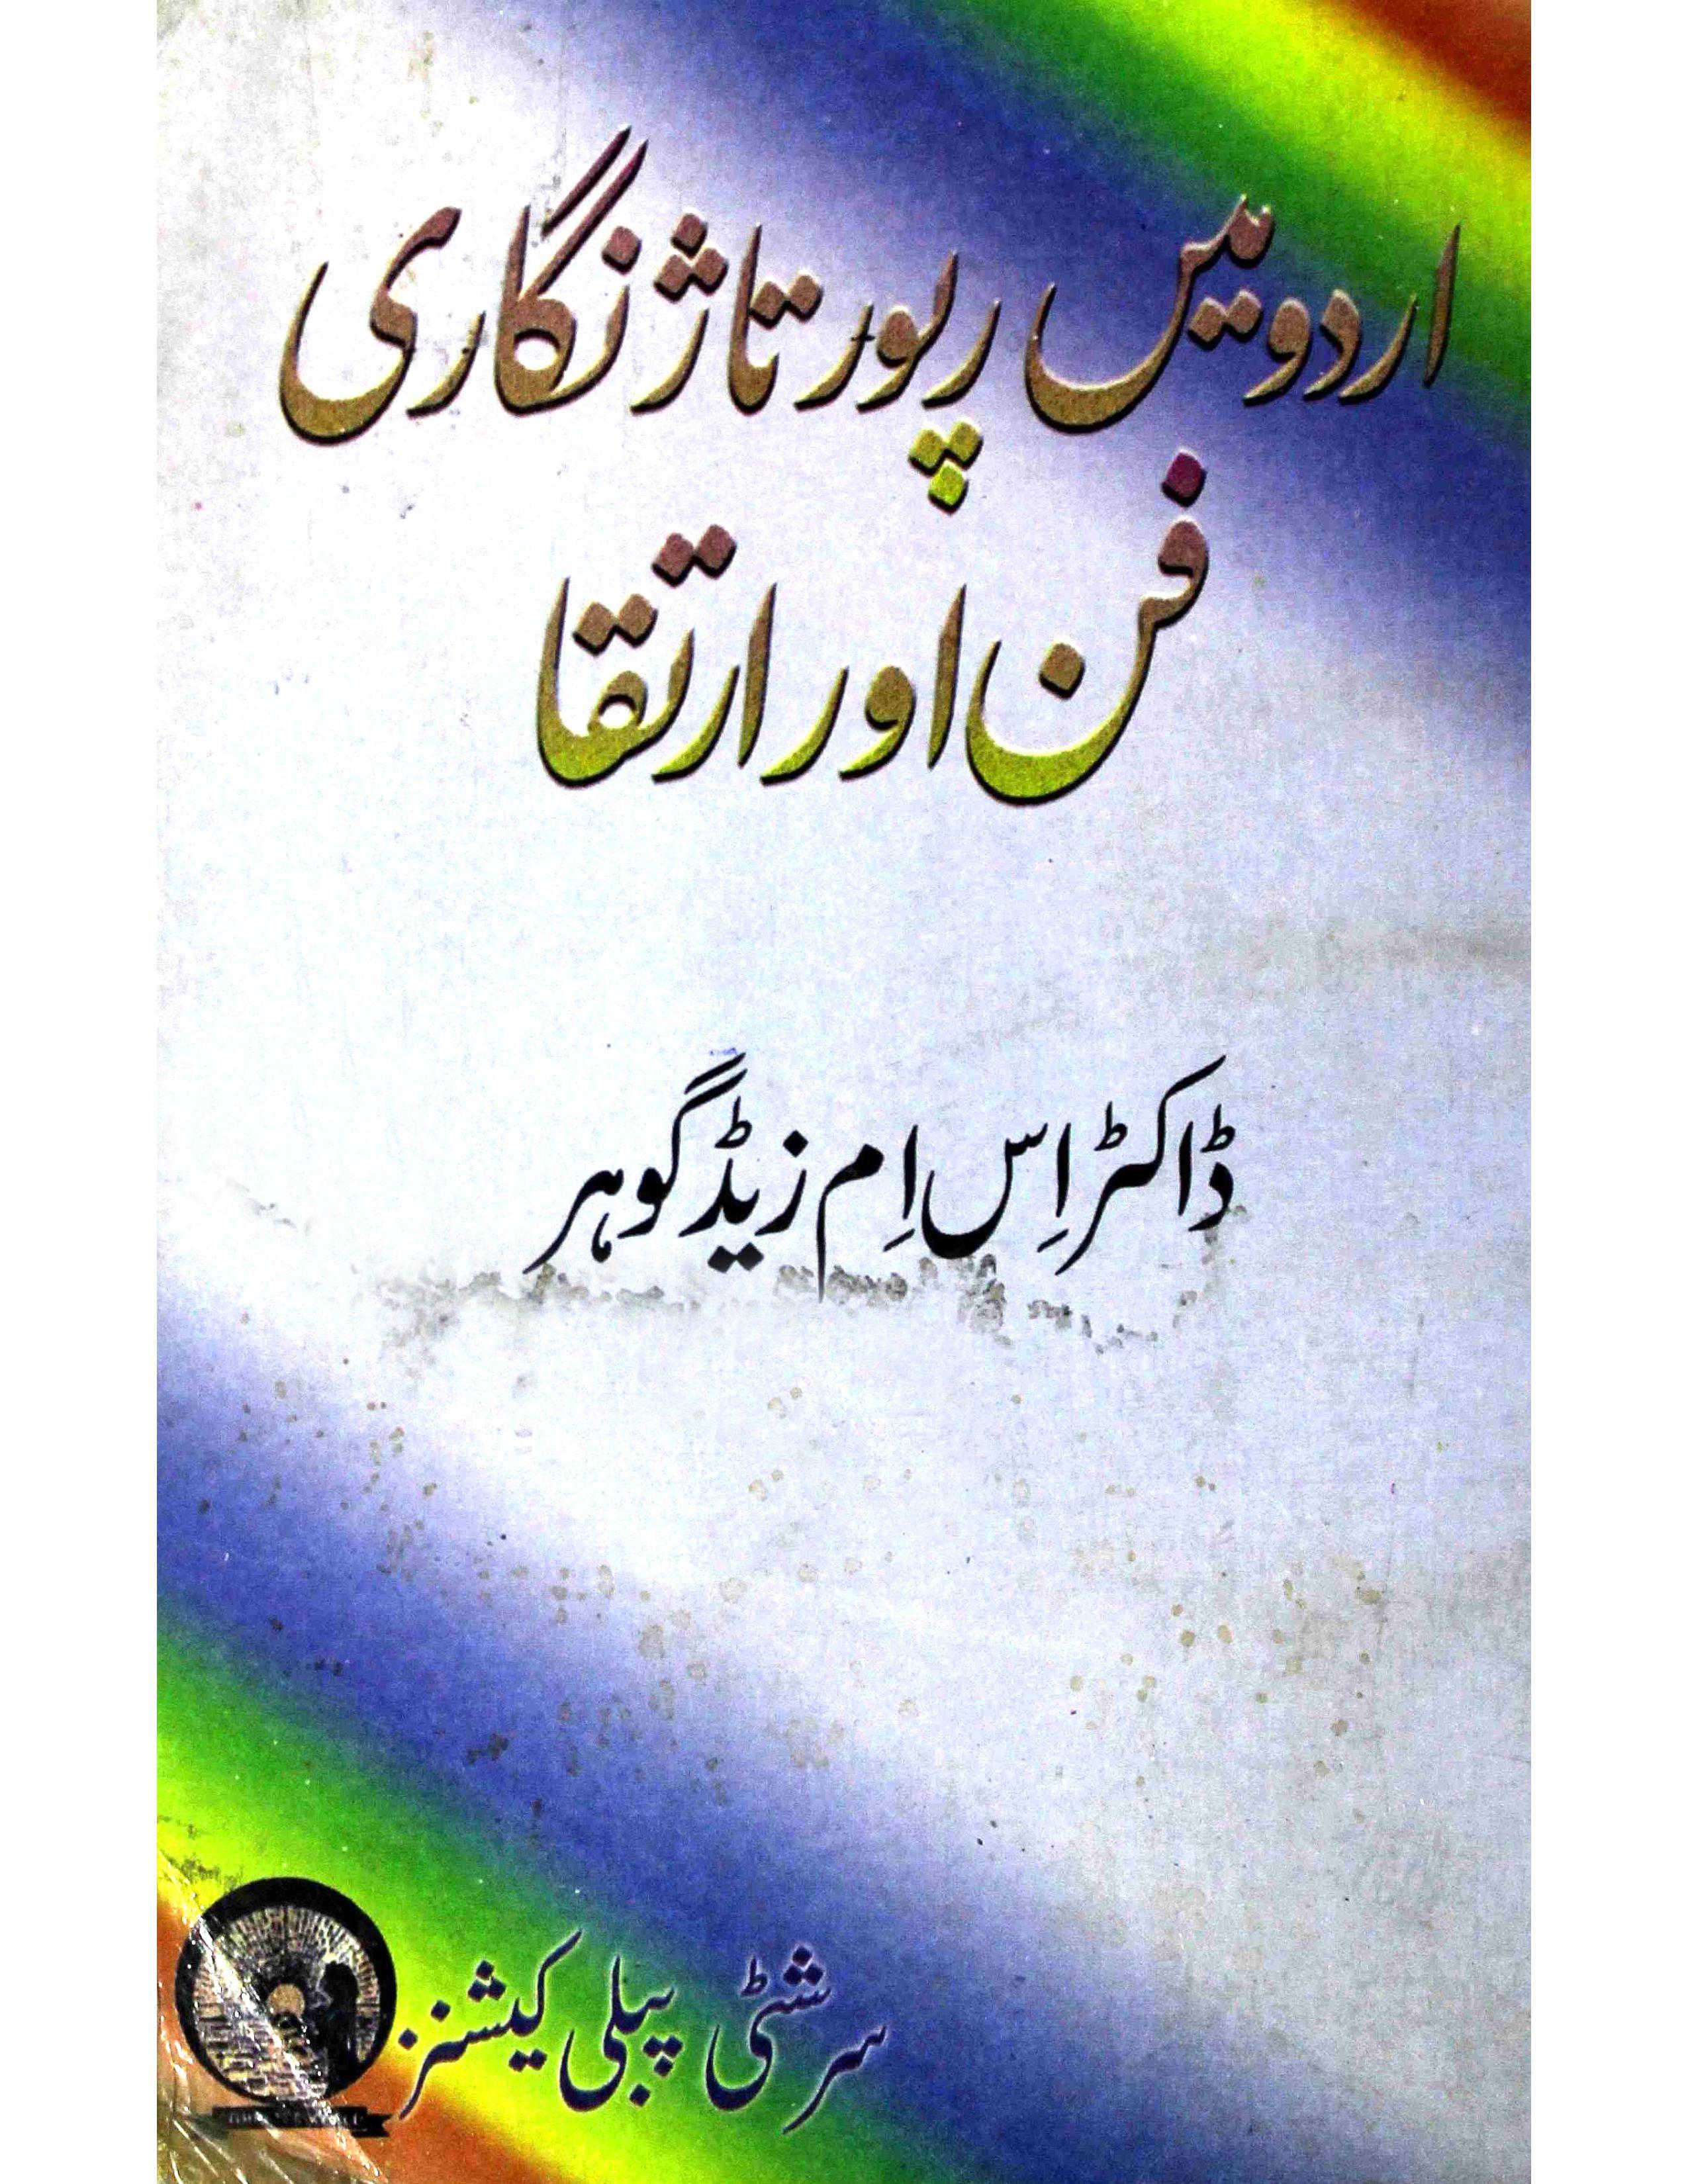 Urdu Mein Repor Taz Nigari Fan Aur Irtiqa